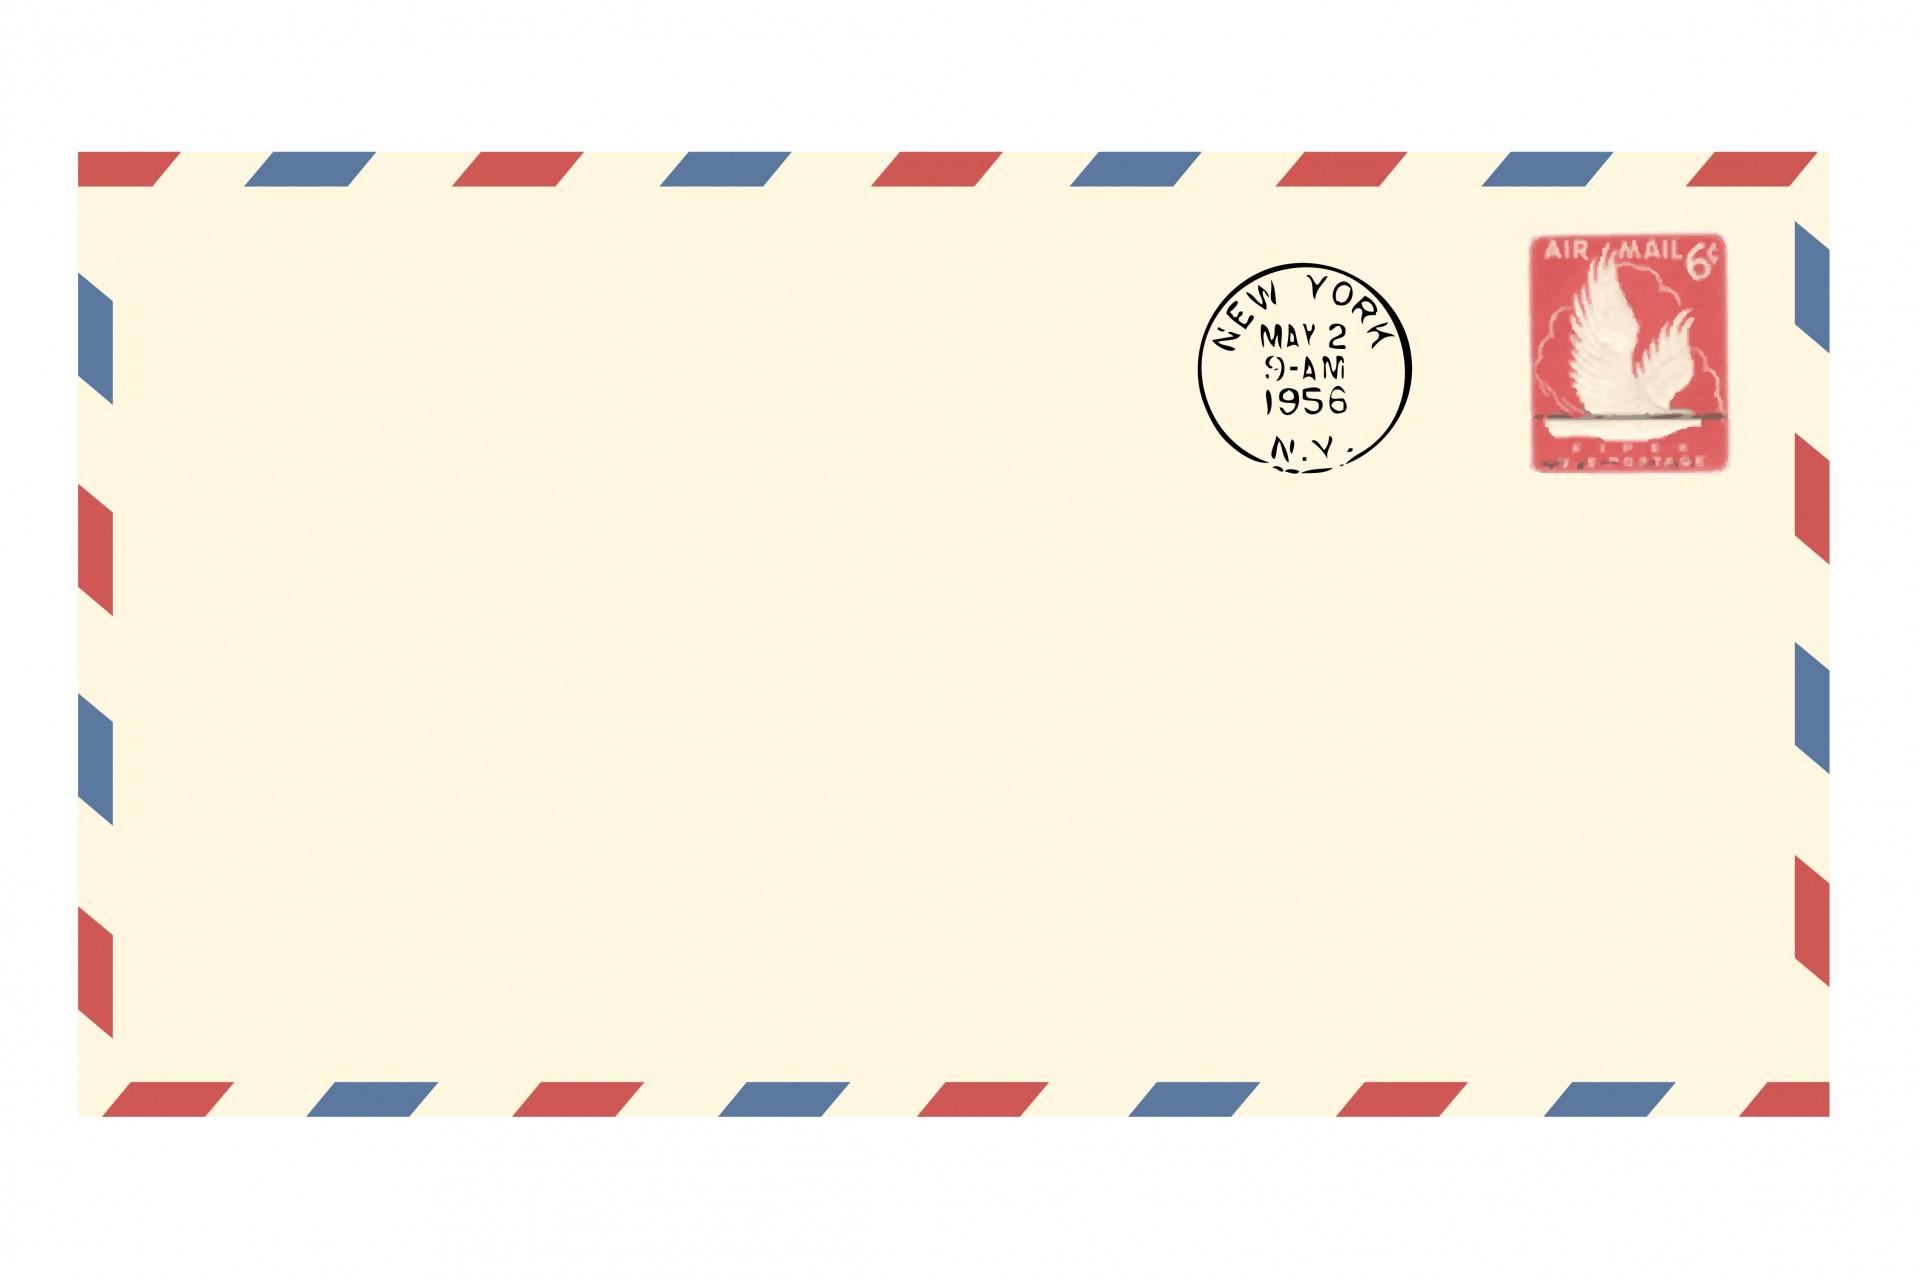 Envelope Images.